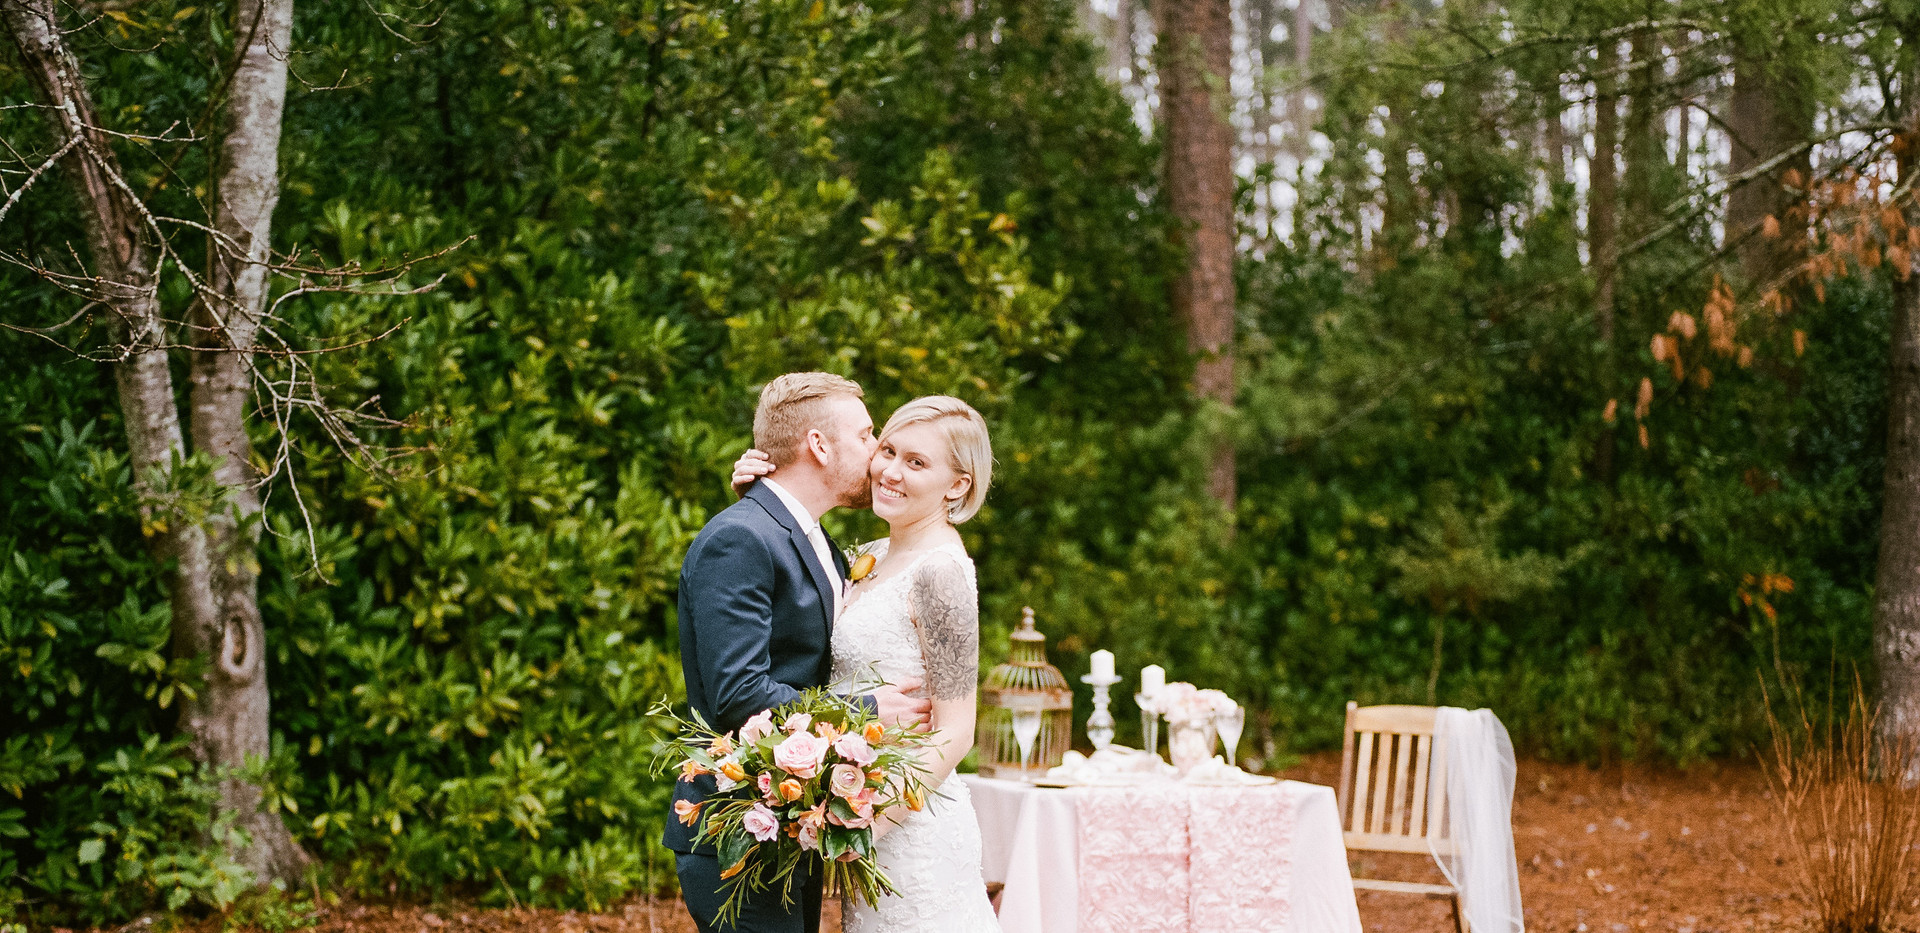 Greenwald's Wedding